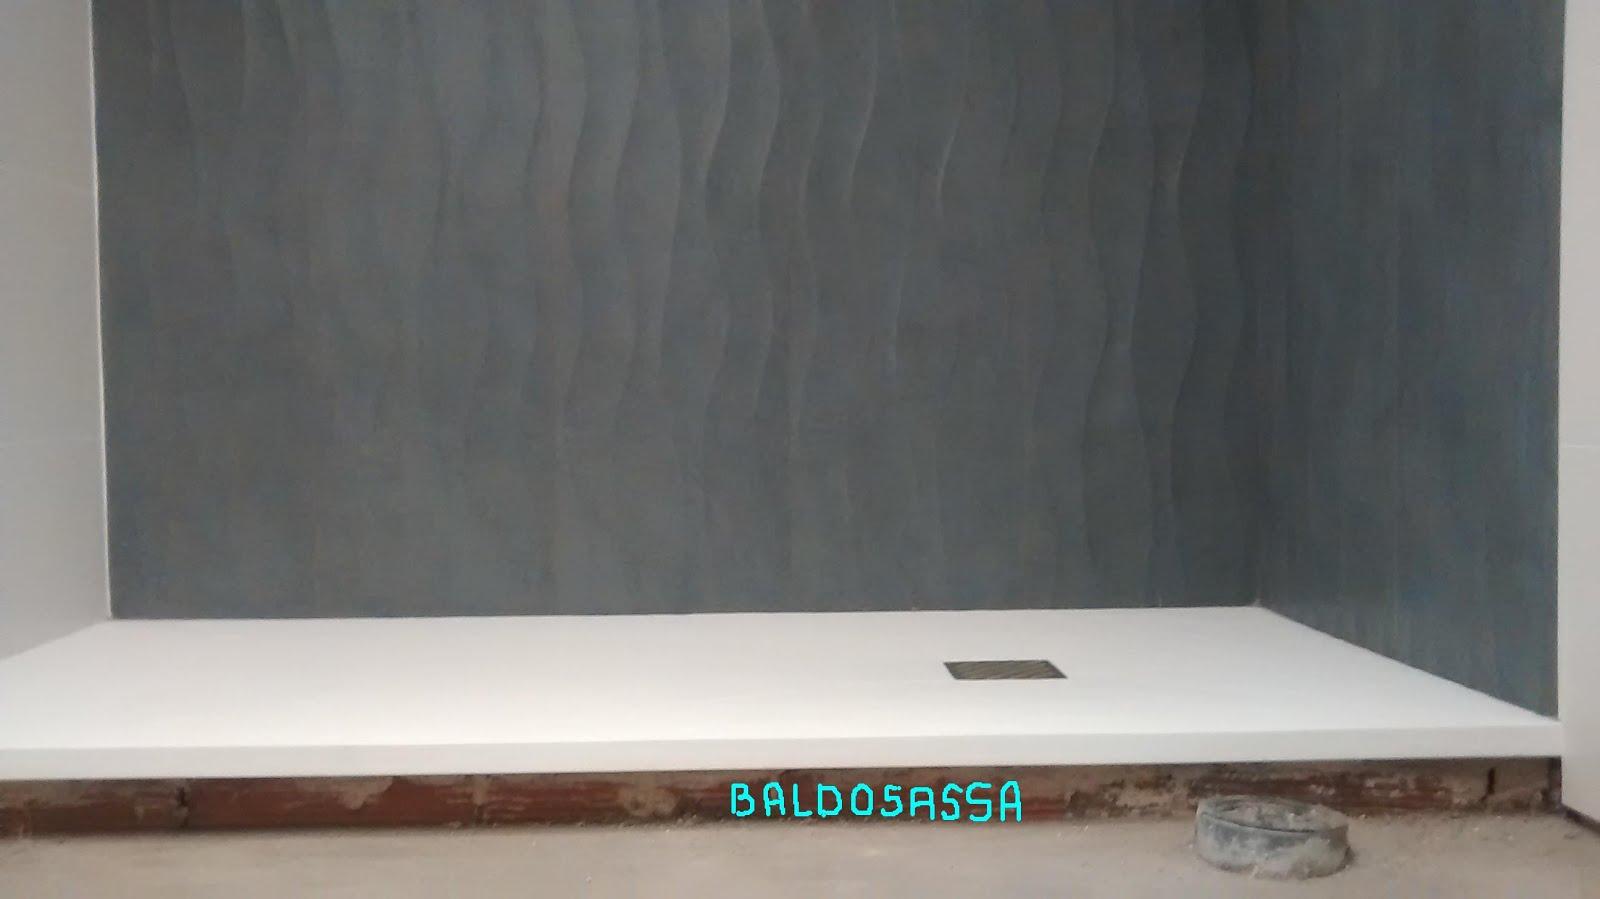 Juntas Baldosas Baño:PLATO DUCHA CARGA MINERAL Y BALDOSAS DE 90*30 RECTIFICADAS